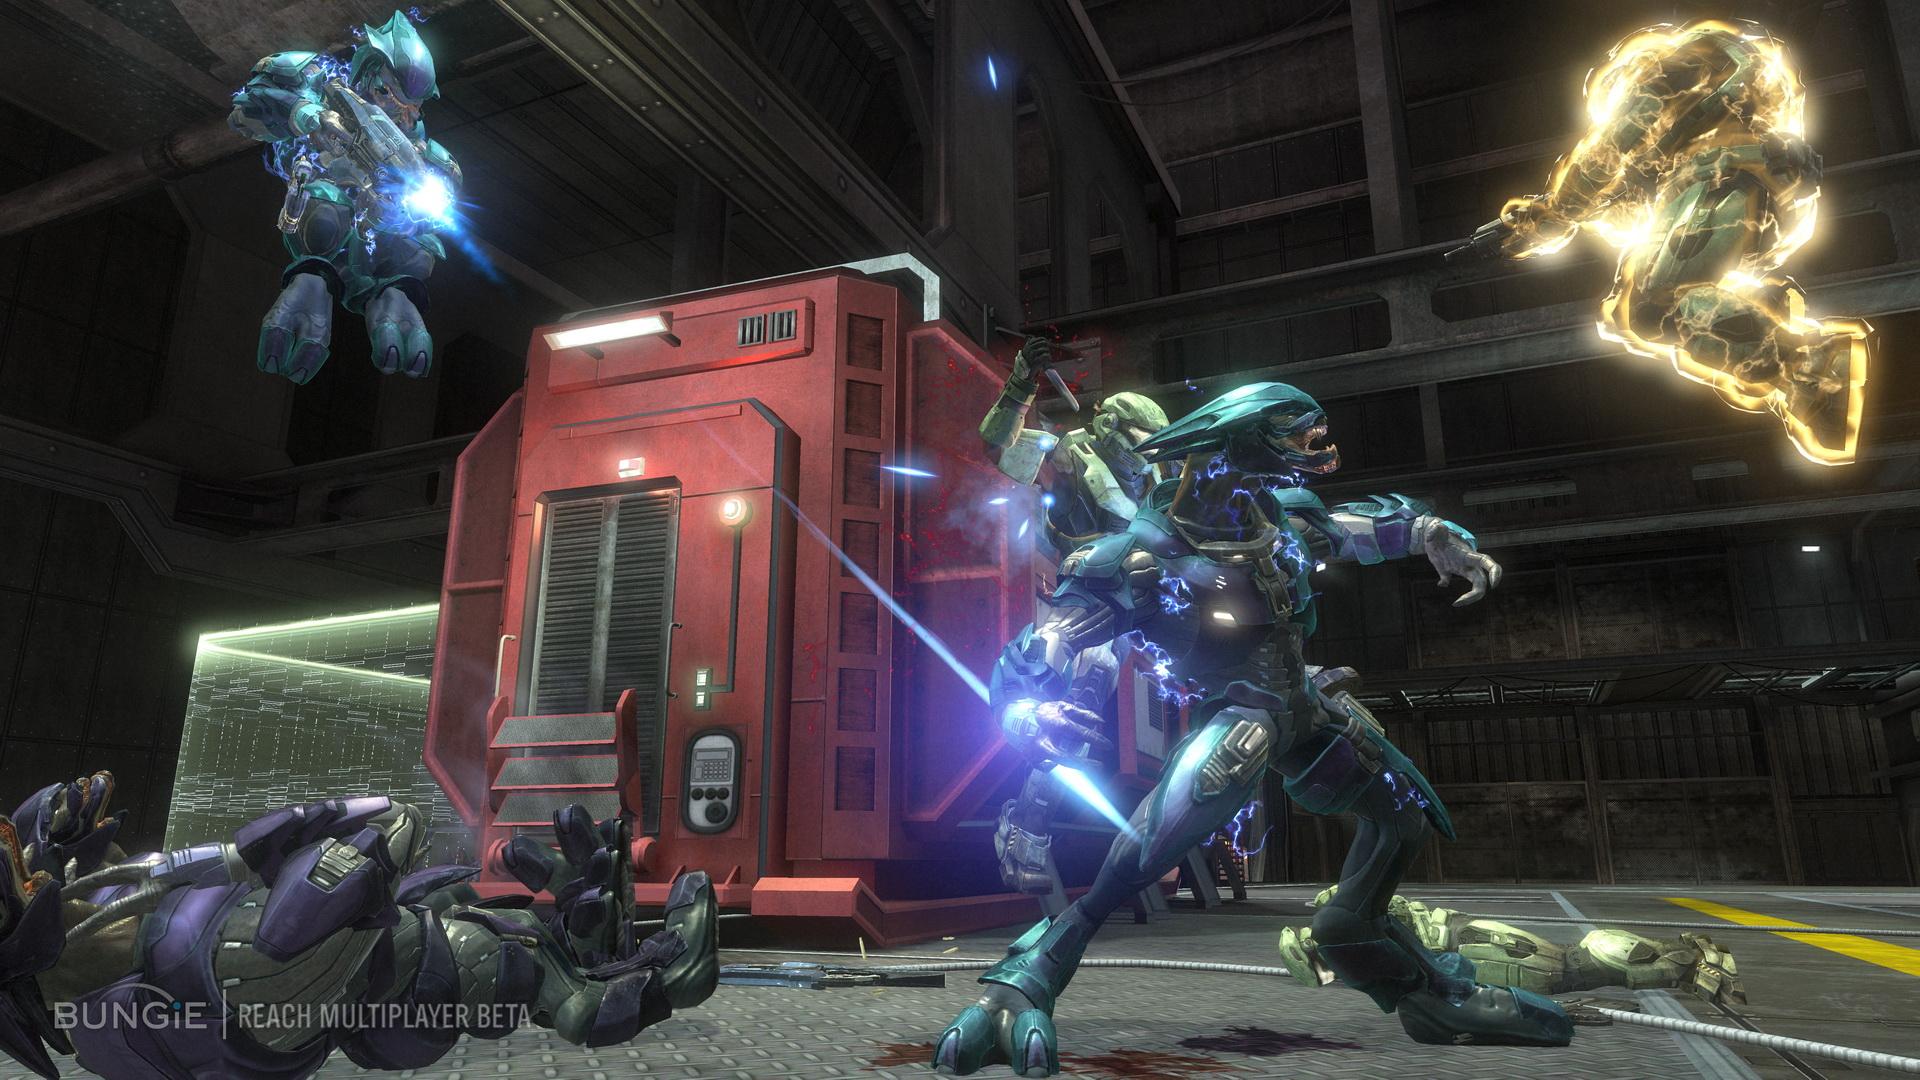 Halo reach matchmaking load failure